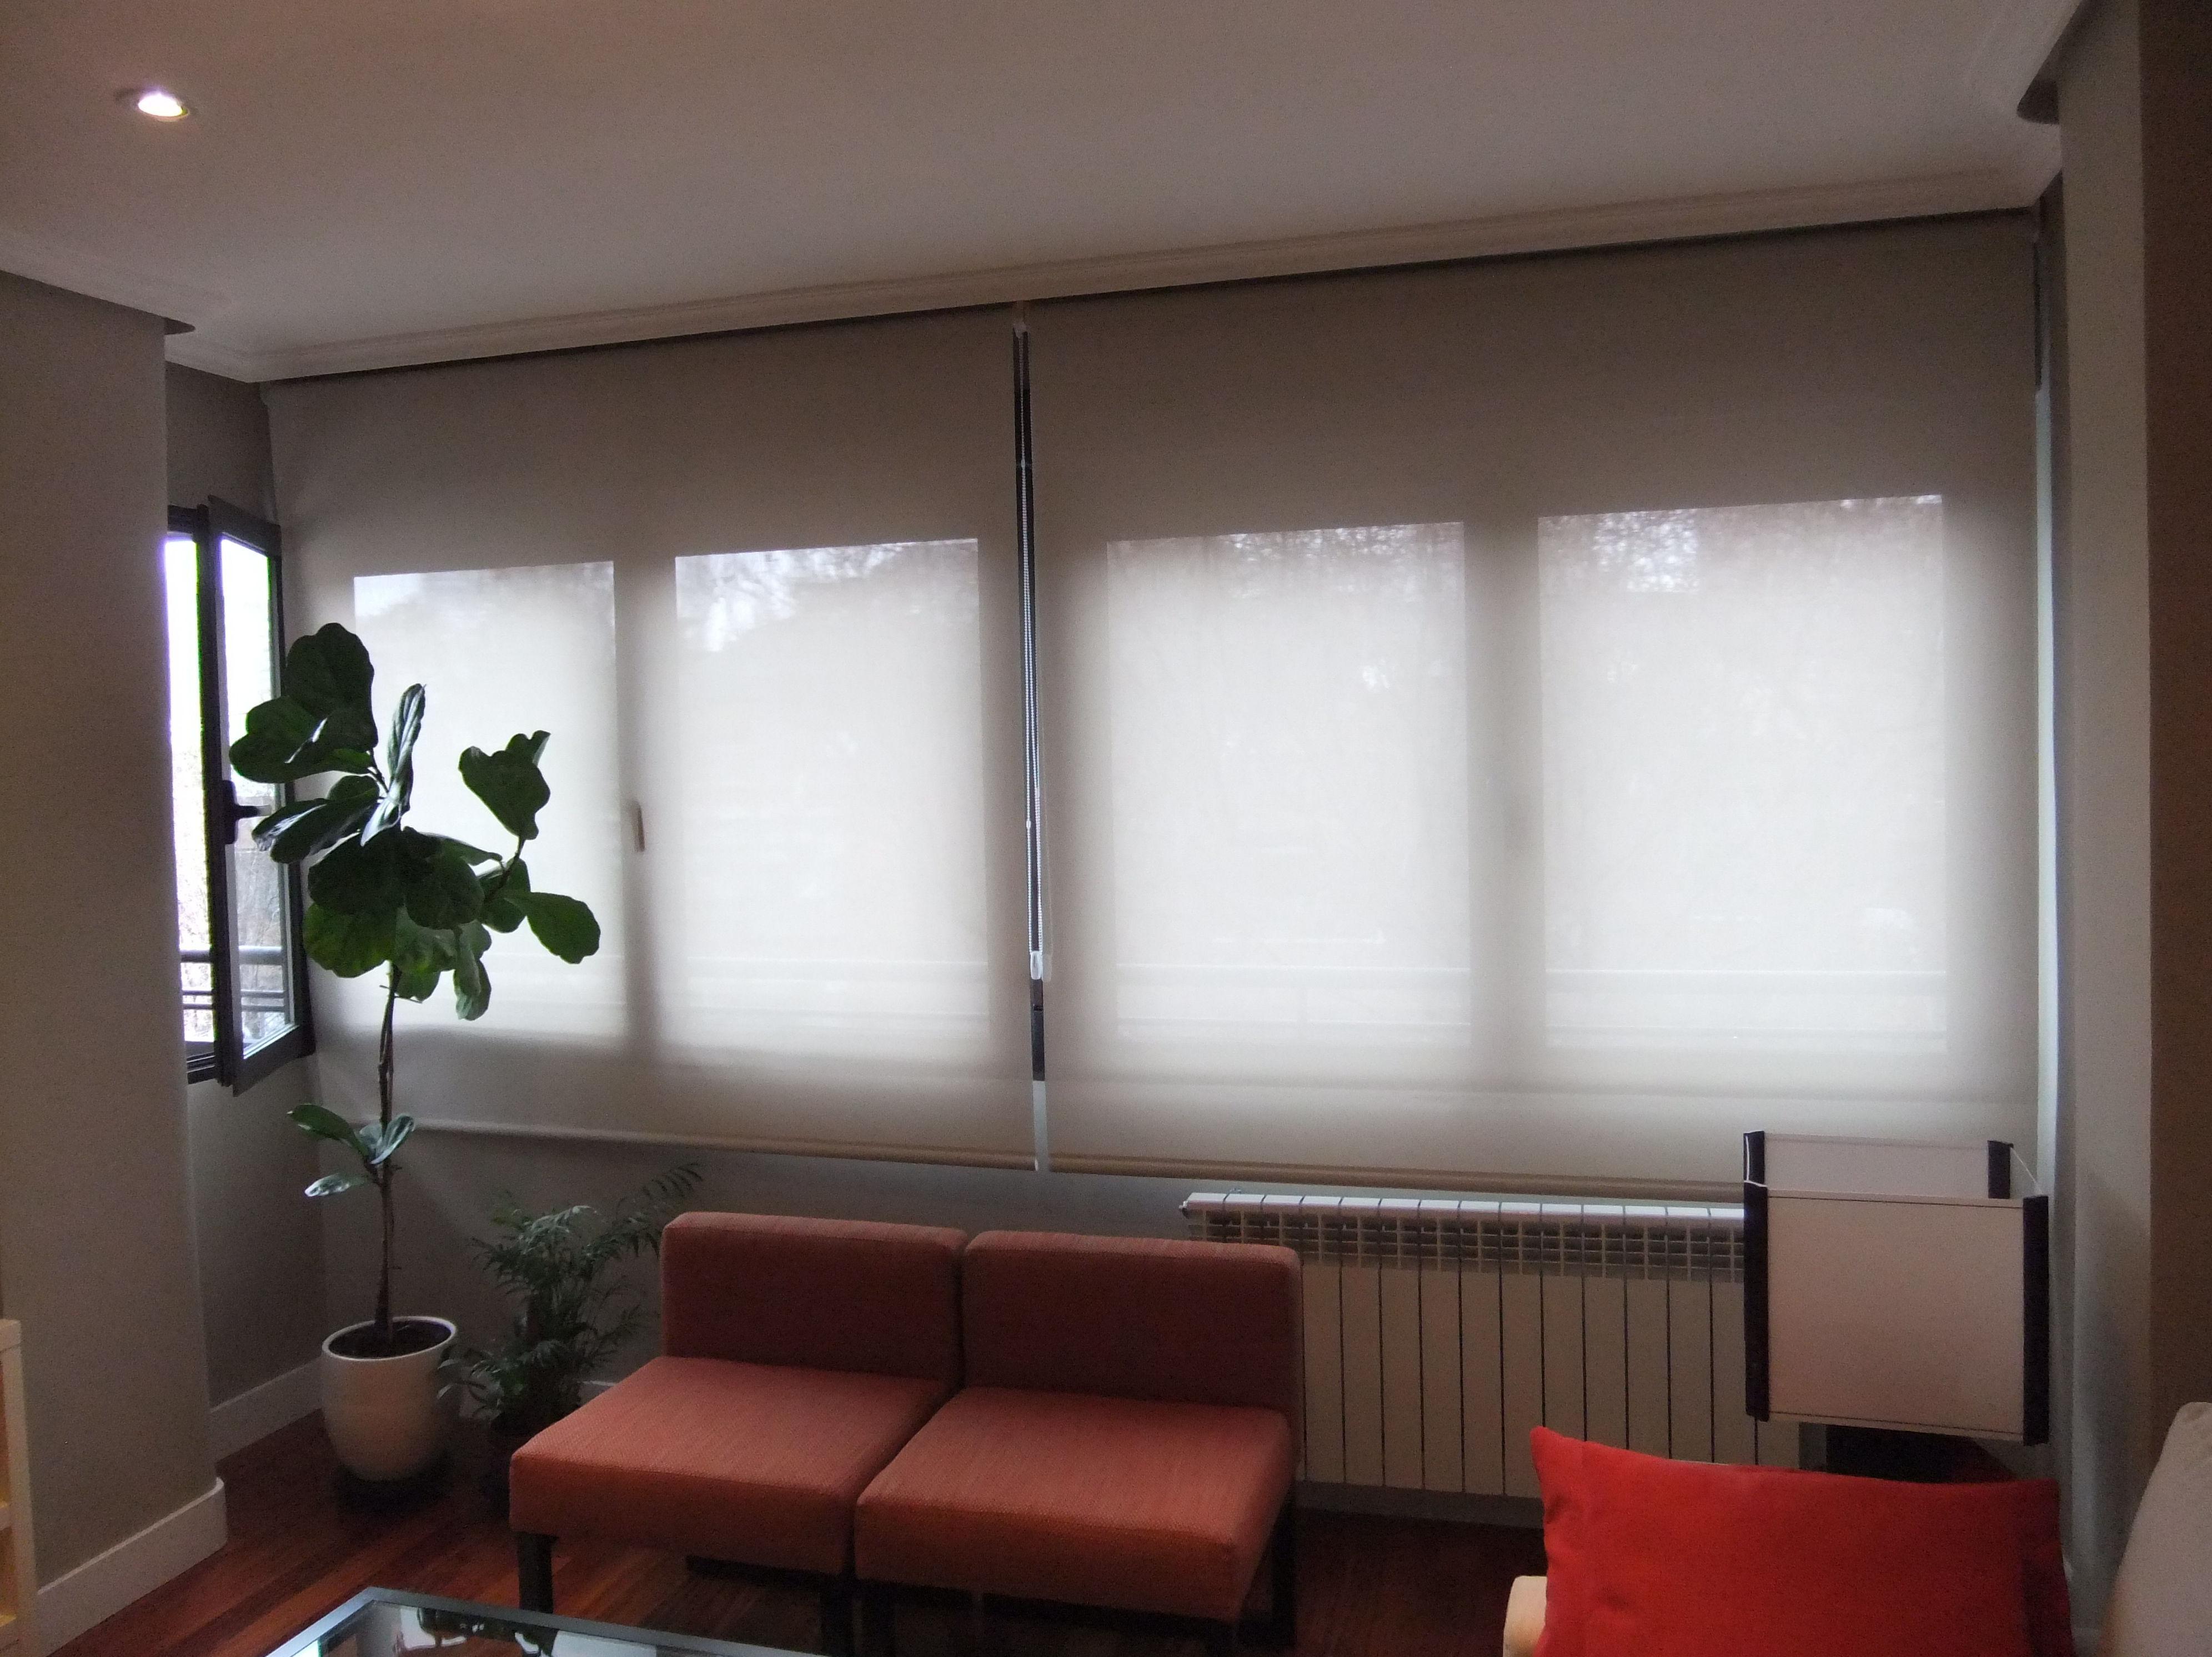 Estores persianas venecianas y cortina de lama vertical cat logo y servicios de jofr n tapicer a - Todo cortinas y estores ...